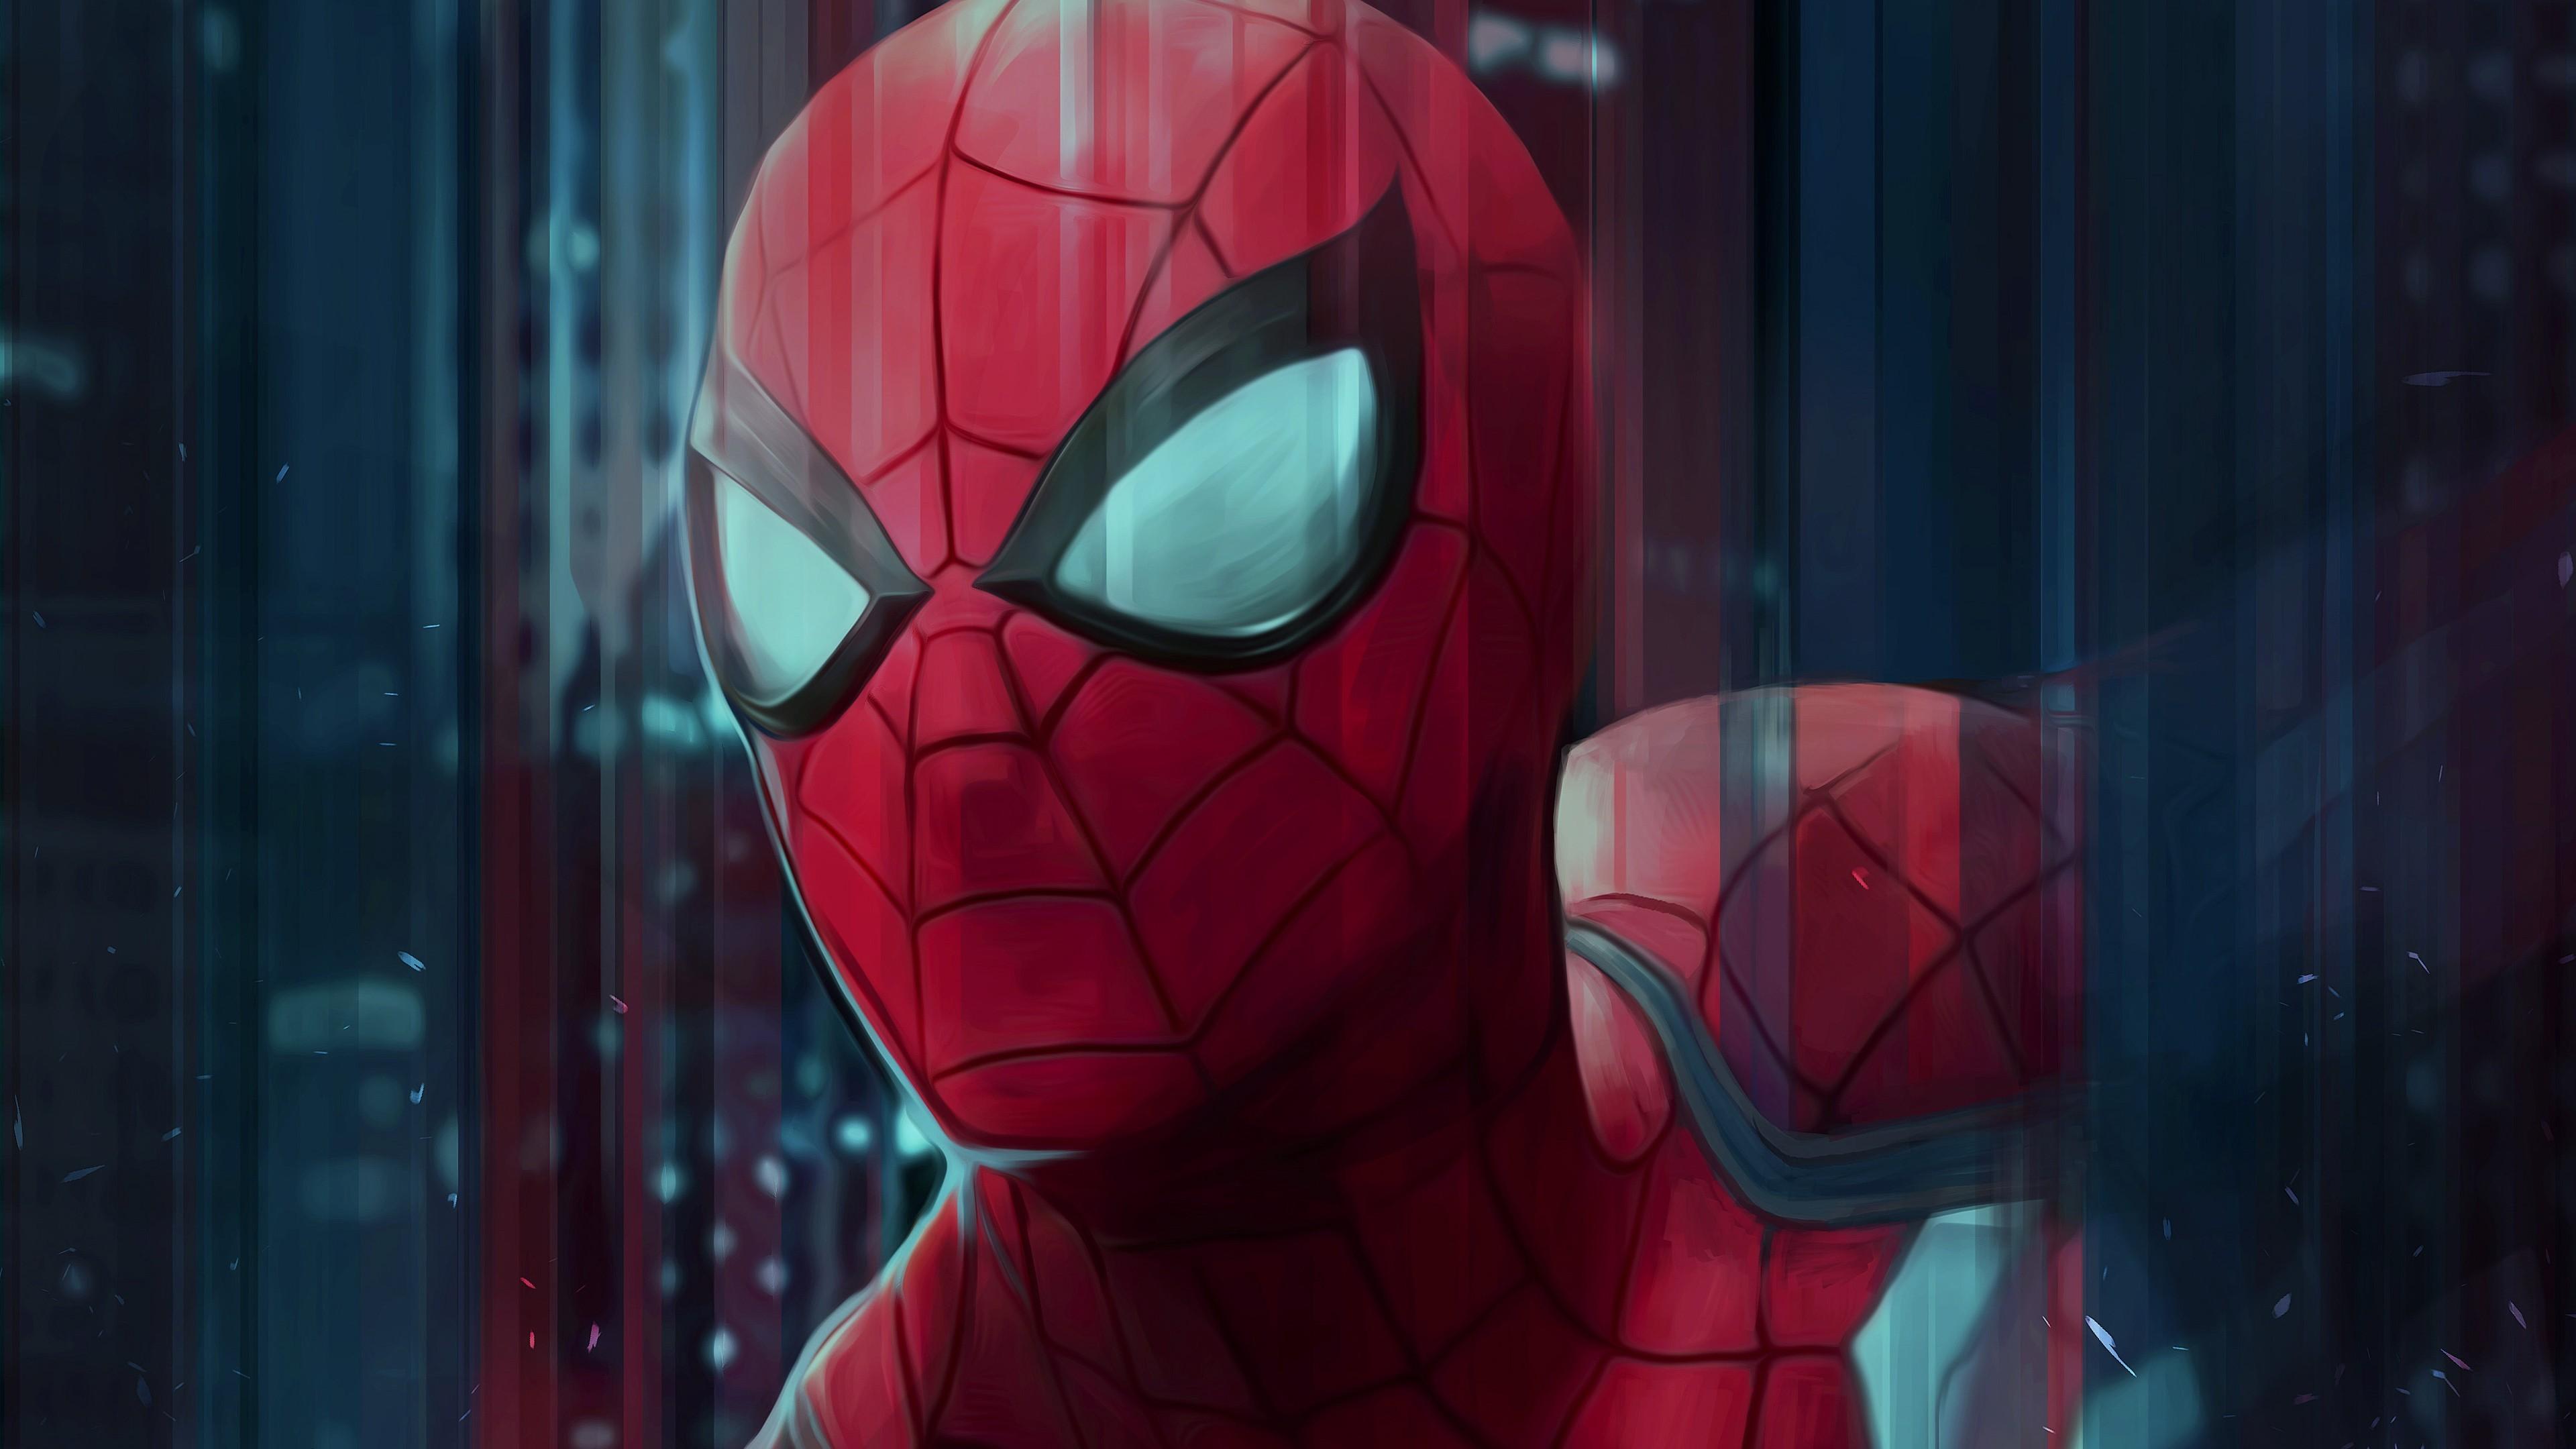 蜘蛛侠艺术品4K壁纸